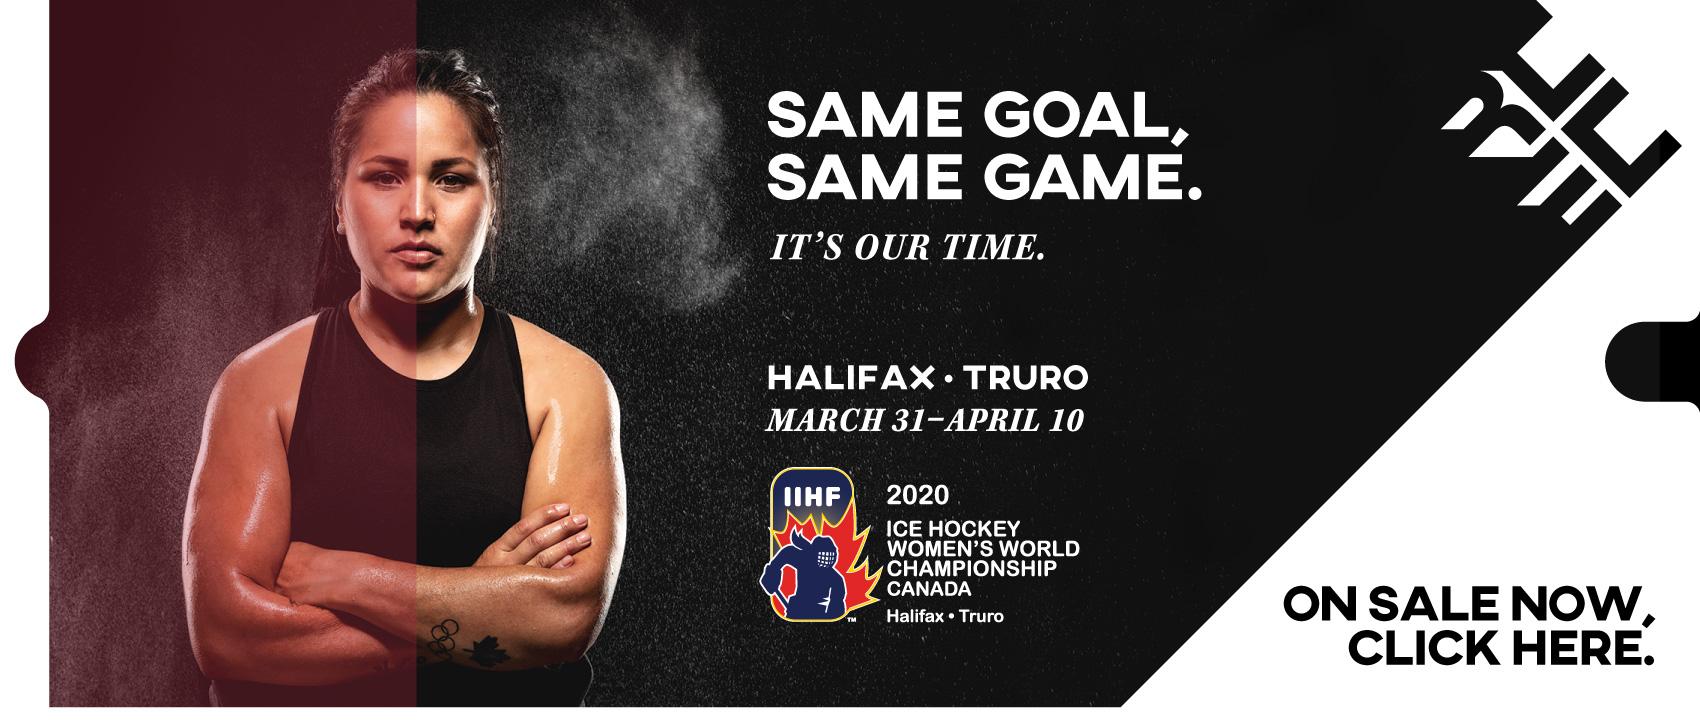 2019-10-10-IIHF-Womens-Worlds-SLIDERv2